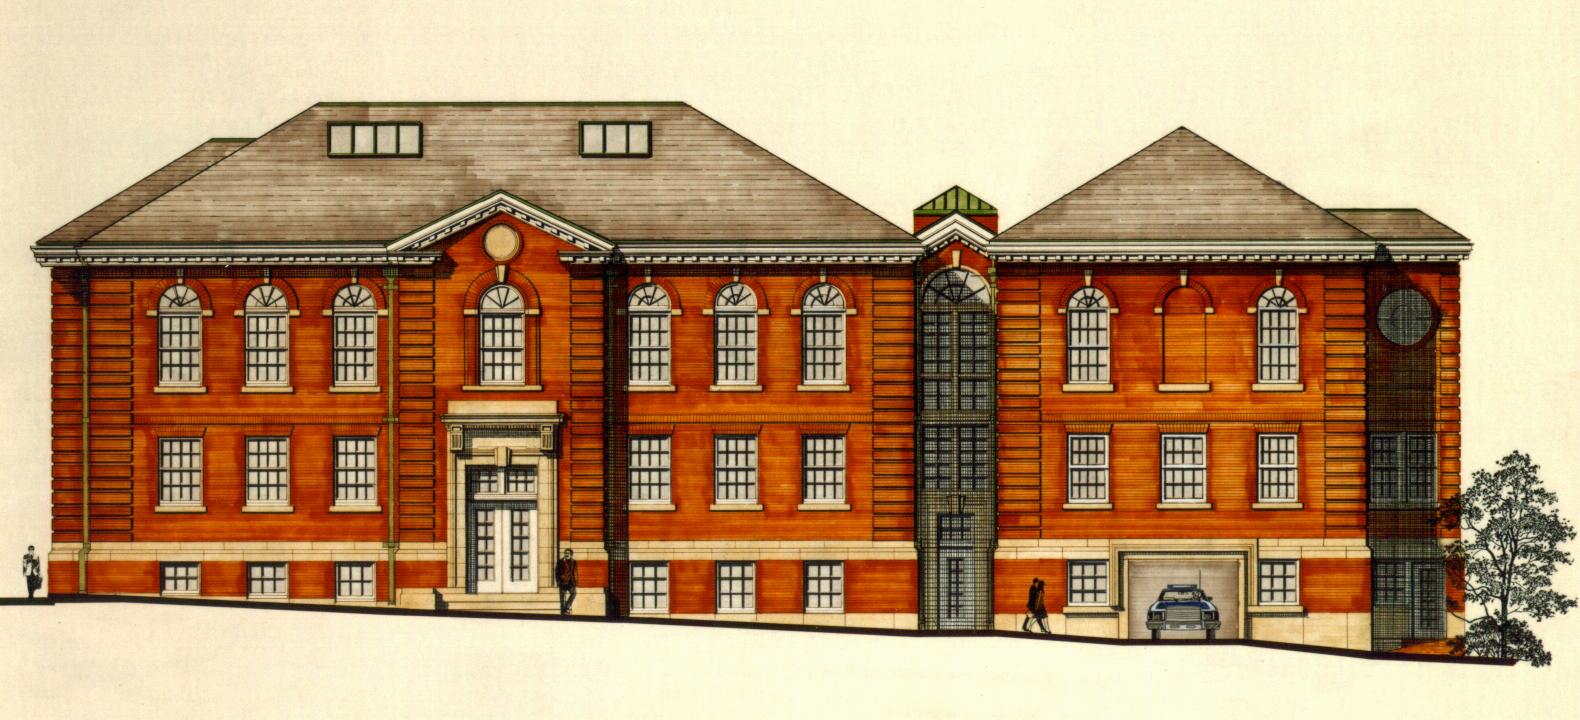 Newburyport Police Headquarters